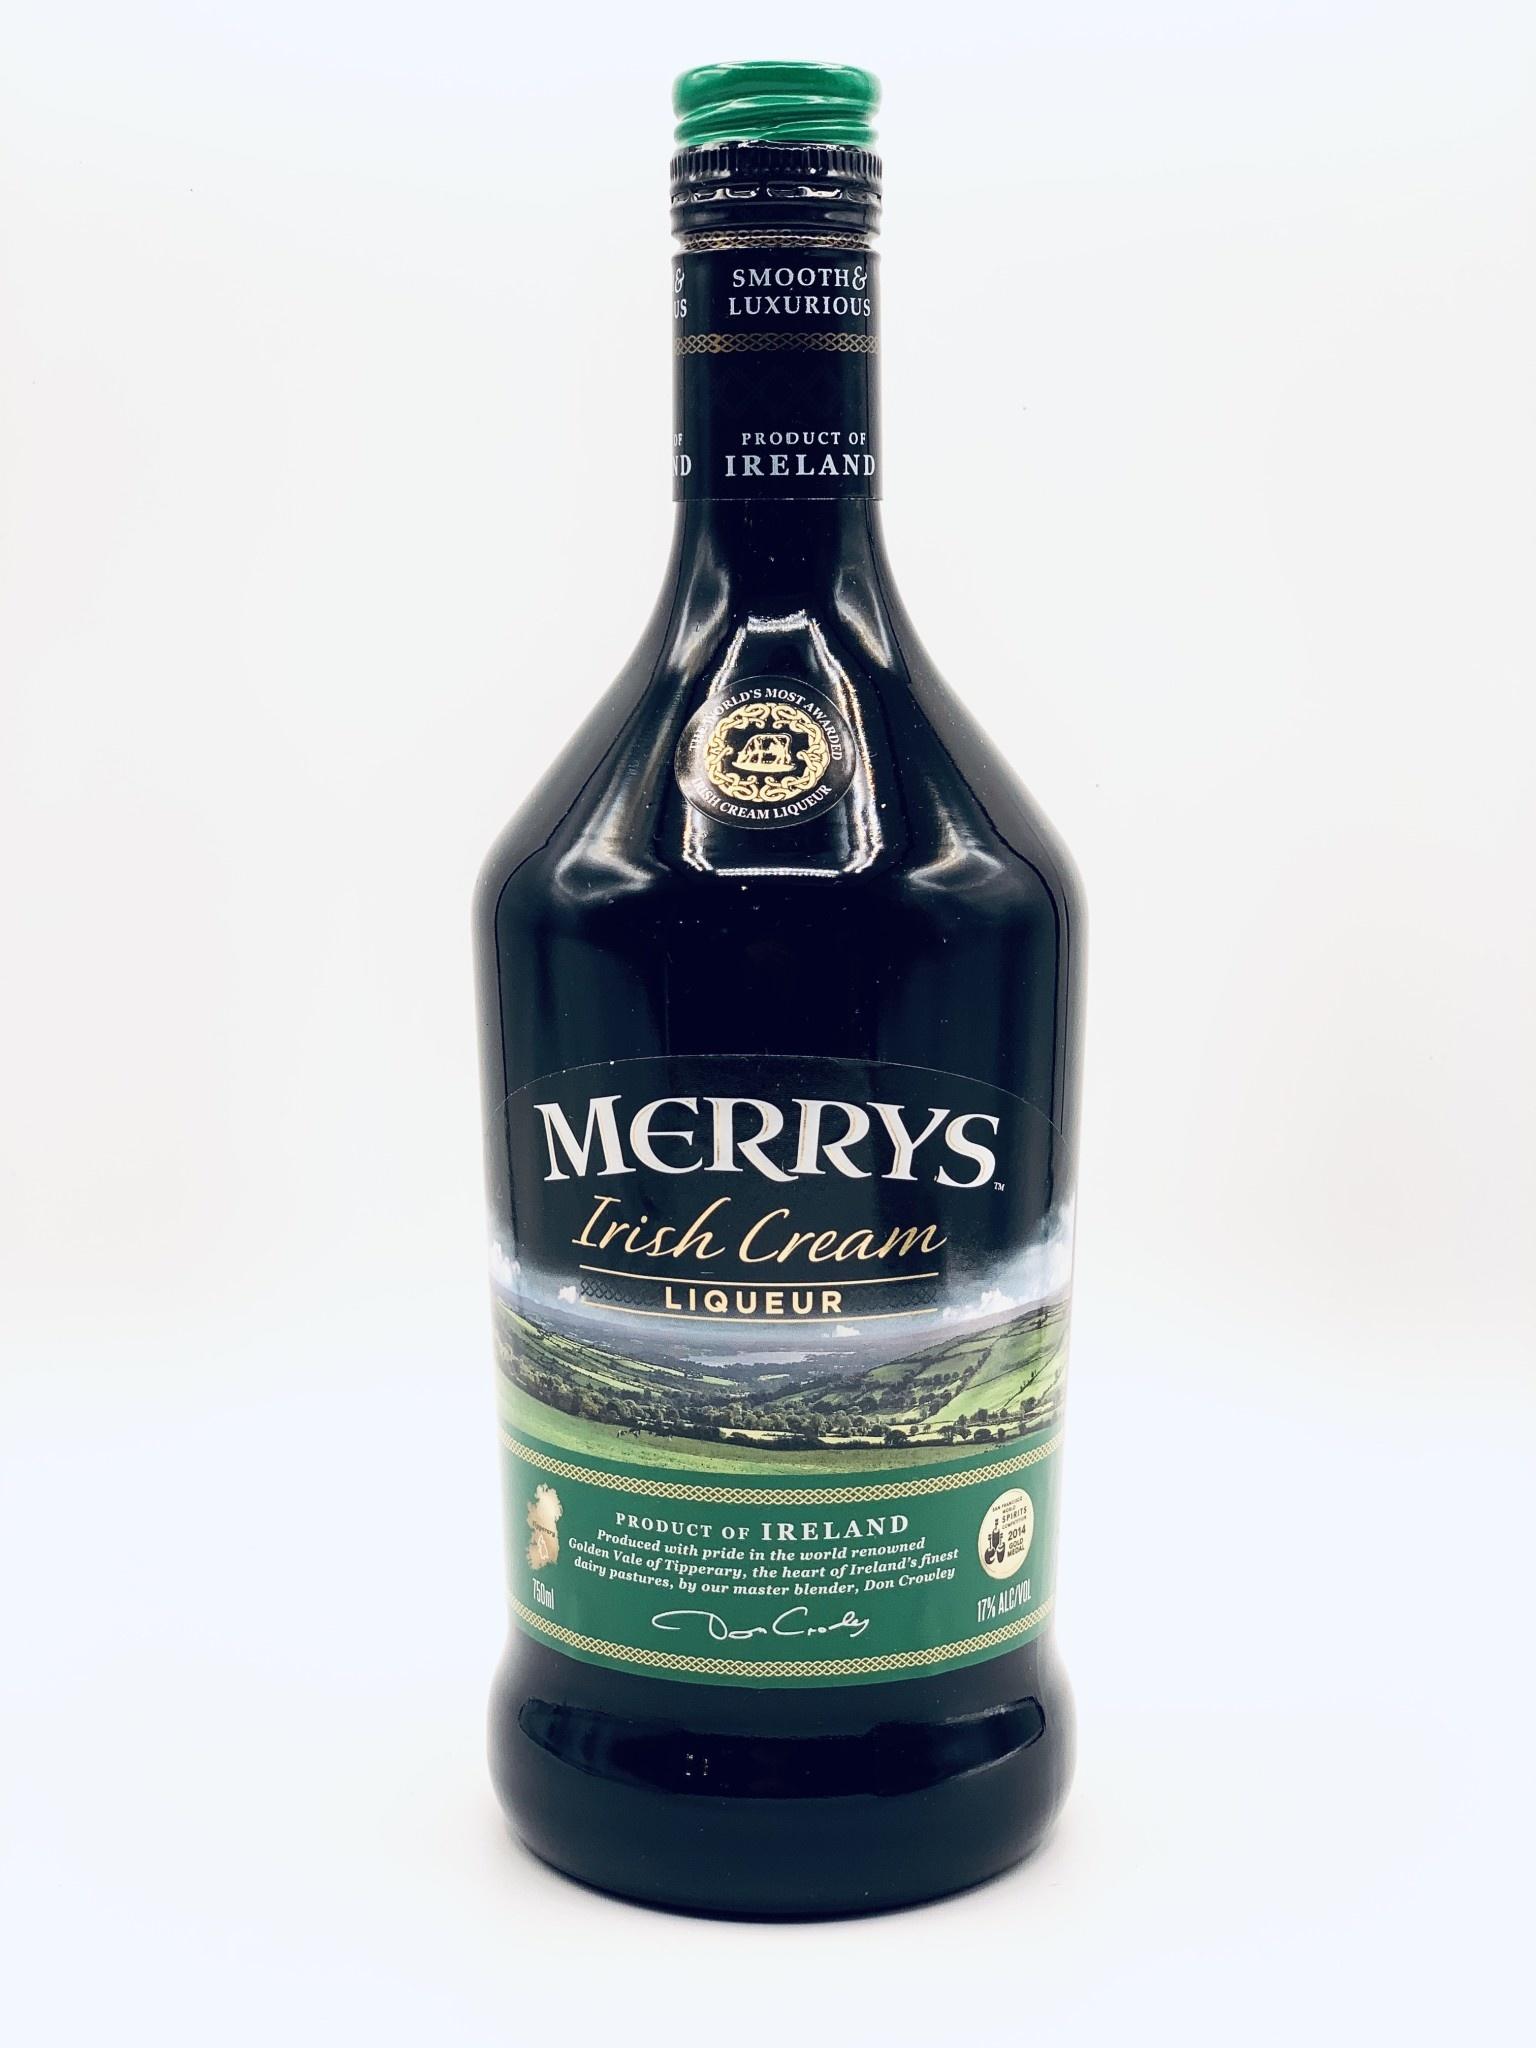 Merry's Irish Cream 17% ABV (34 proof)  750ml